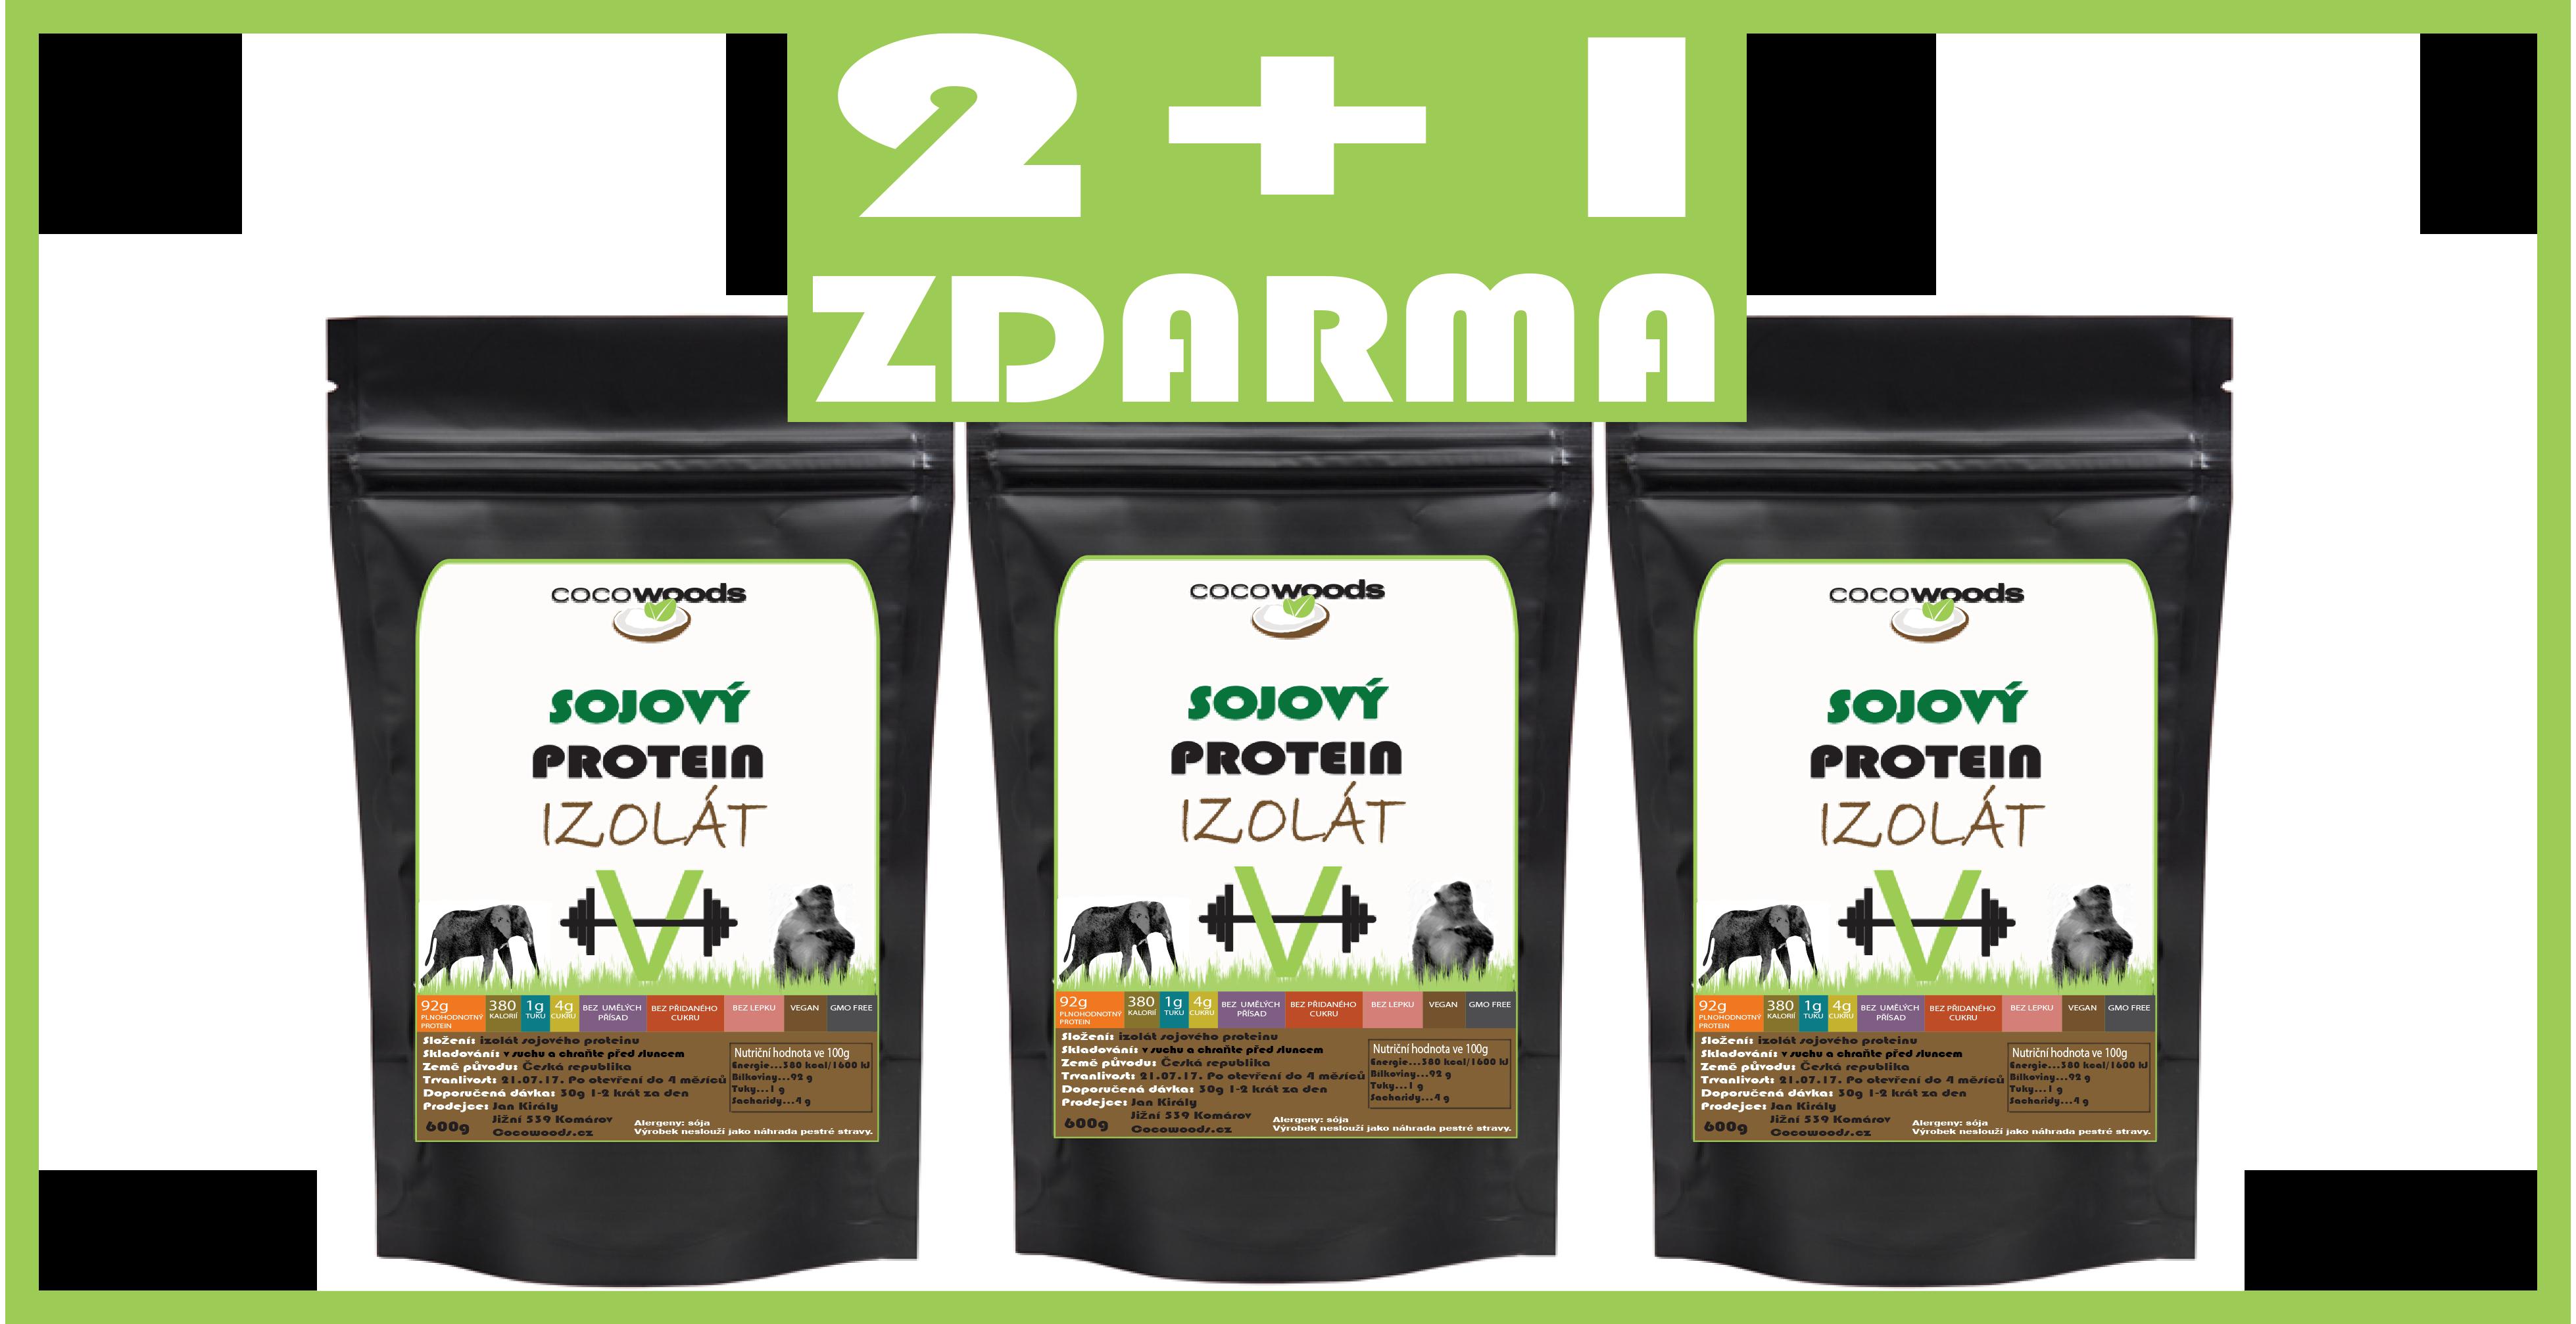 Sójový protein 2+1 Zdarma